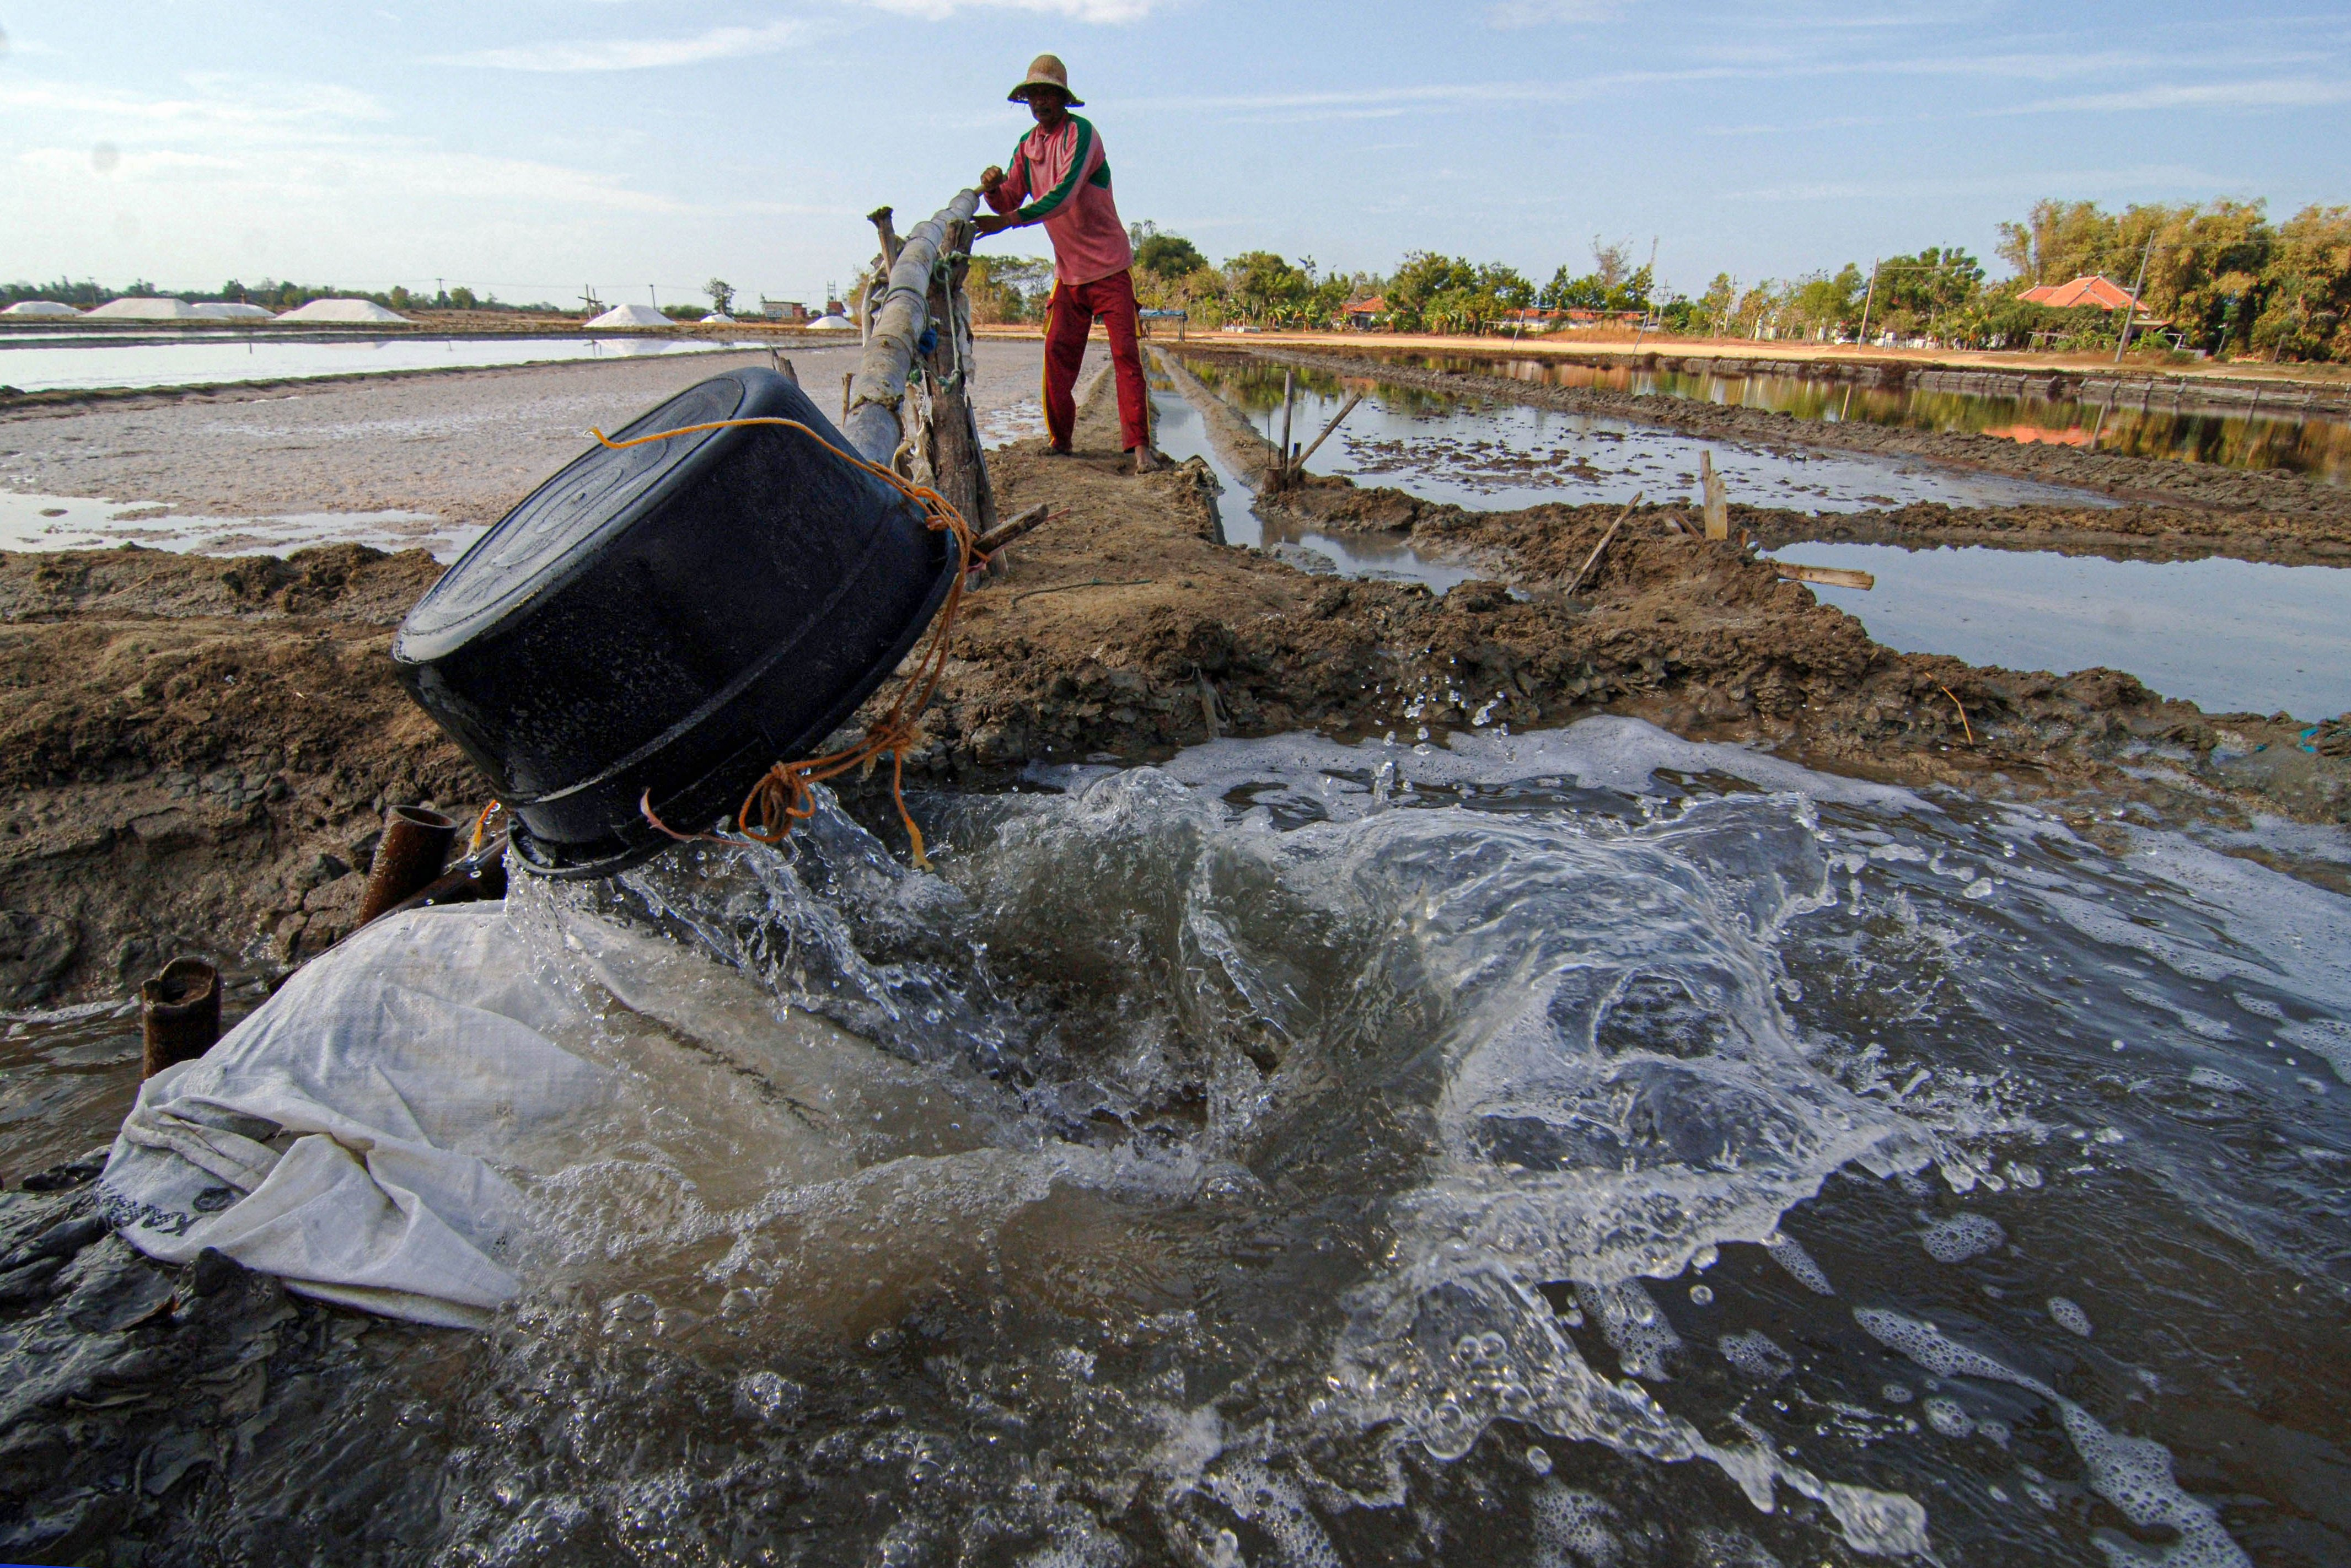 Petani memasukkan air laut ke dalam penampungan sementara secara manual ketika hembusan angin tidak mampu menggerakkan baling-baling di Desa Bunder, Pademawu, Pamekasan, Jawa Timur.